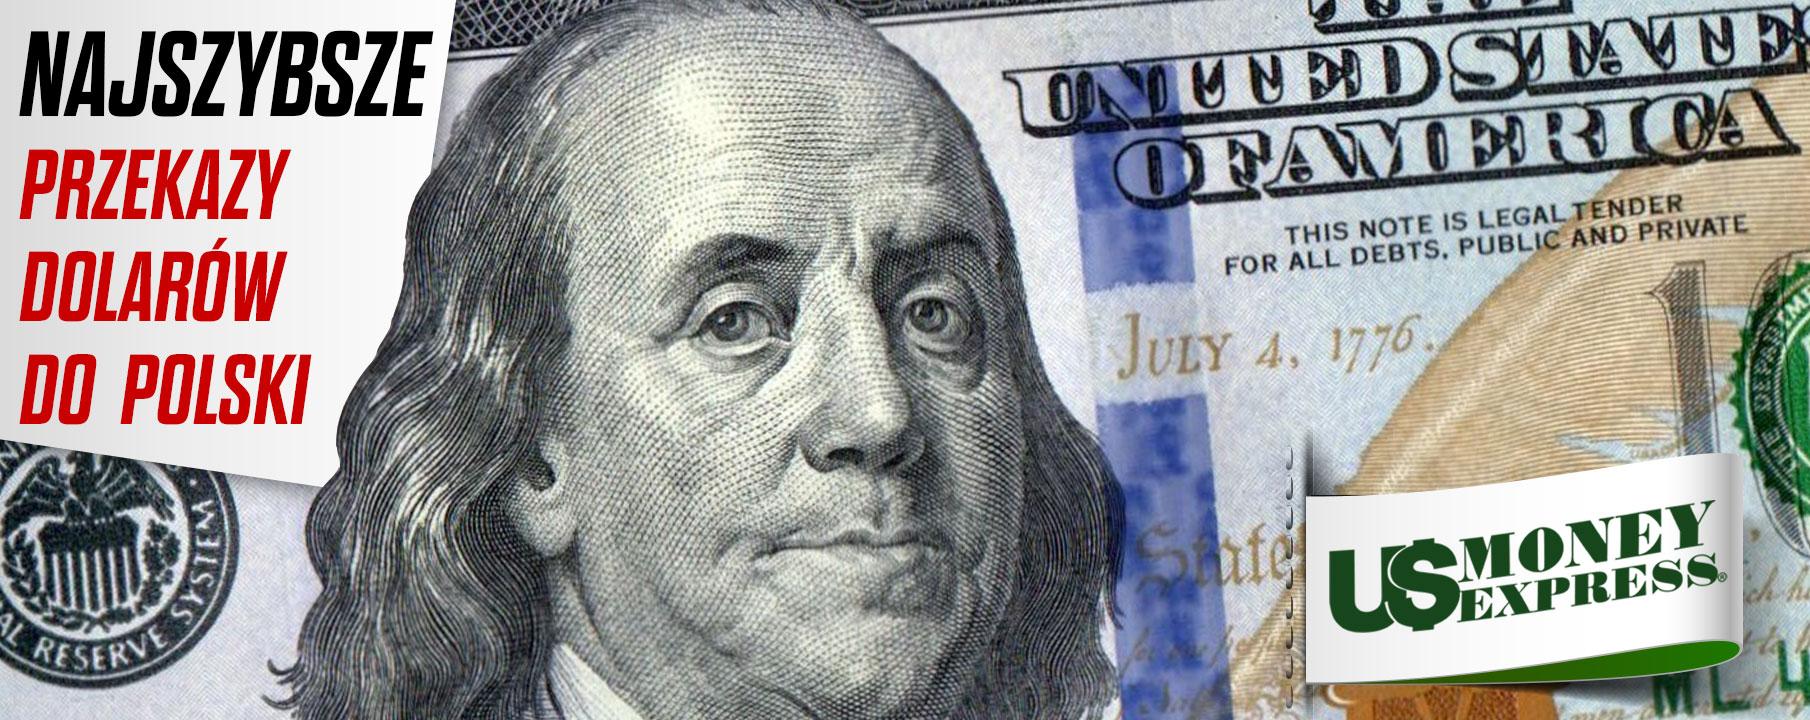 US Money Express dostarcza dolary z Ameryki do domu odbiorcy w Polsce